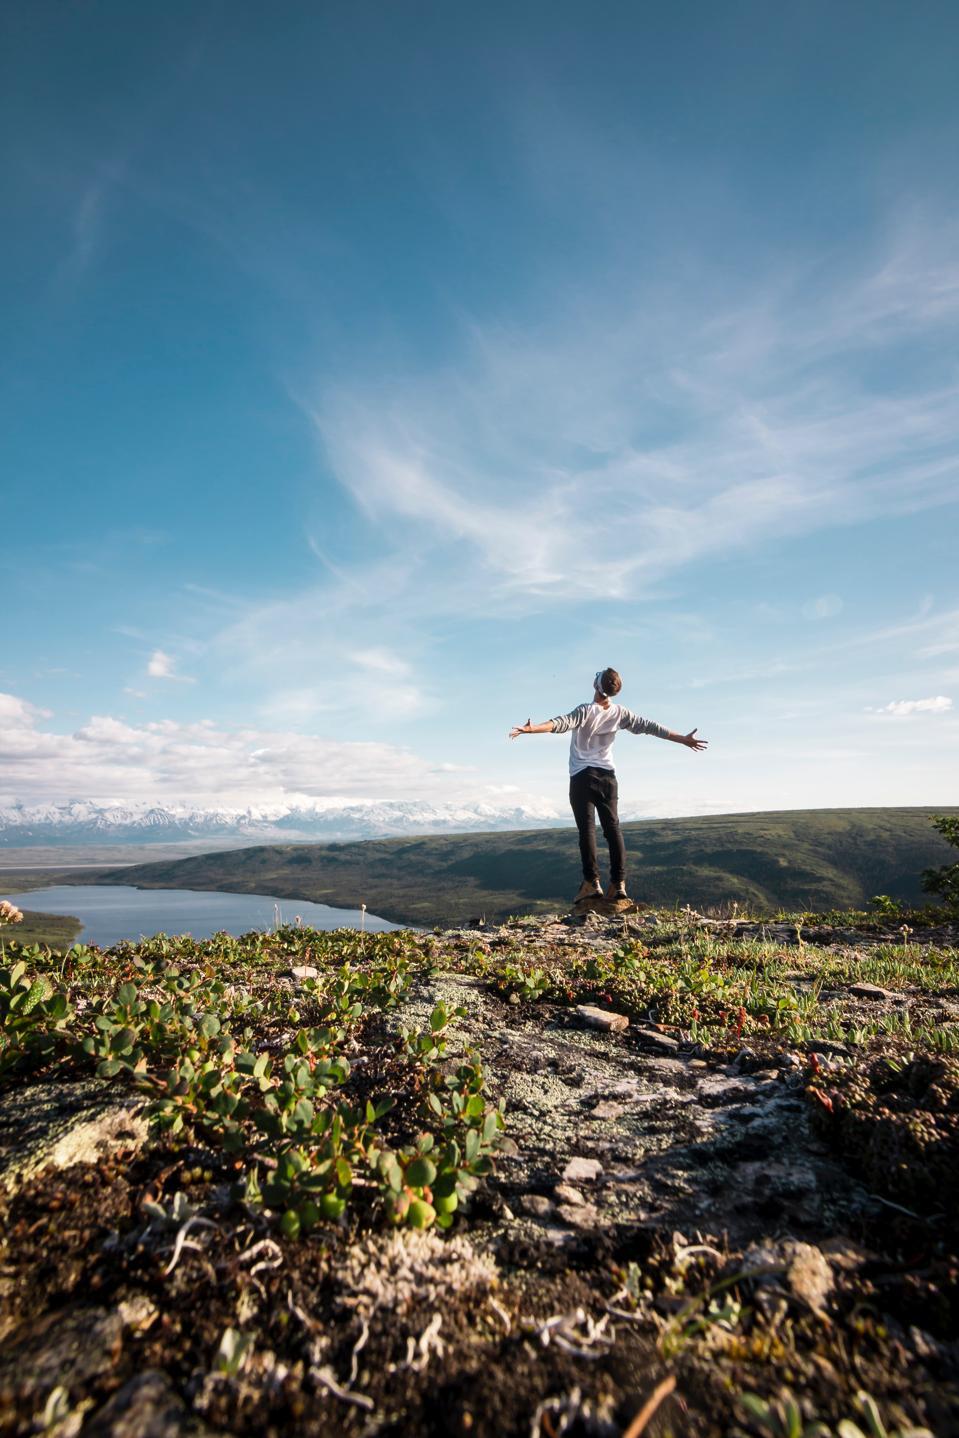 Man standing in grassland